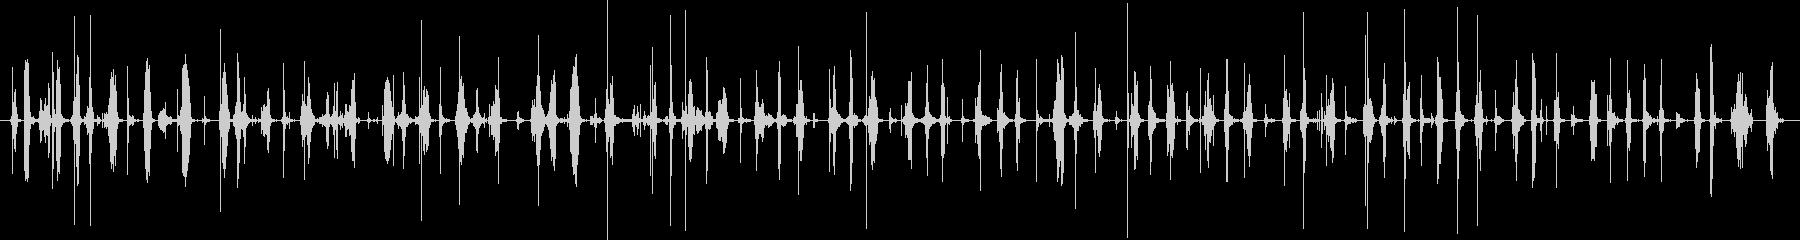 バイノーラル足音歩く3サンダル_左の未再生の波形